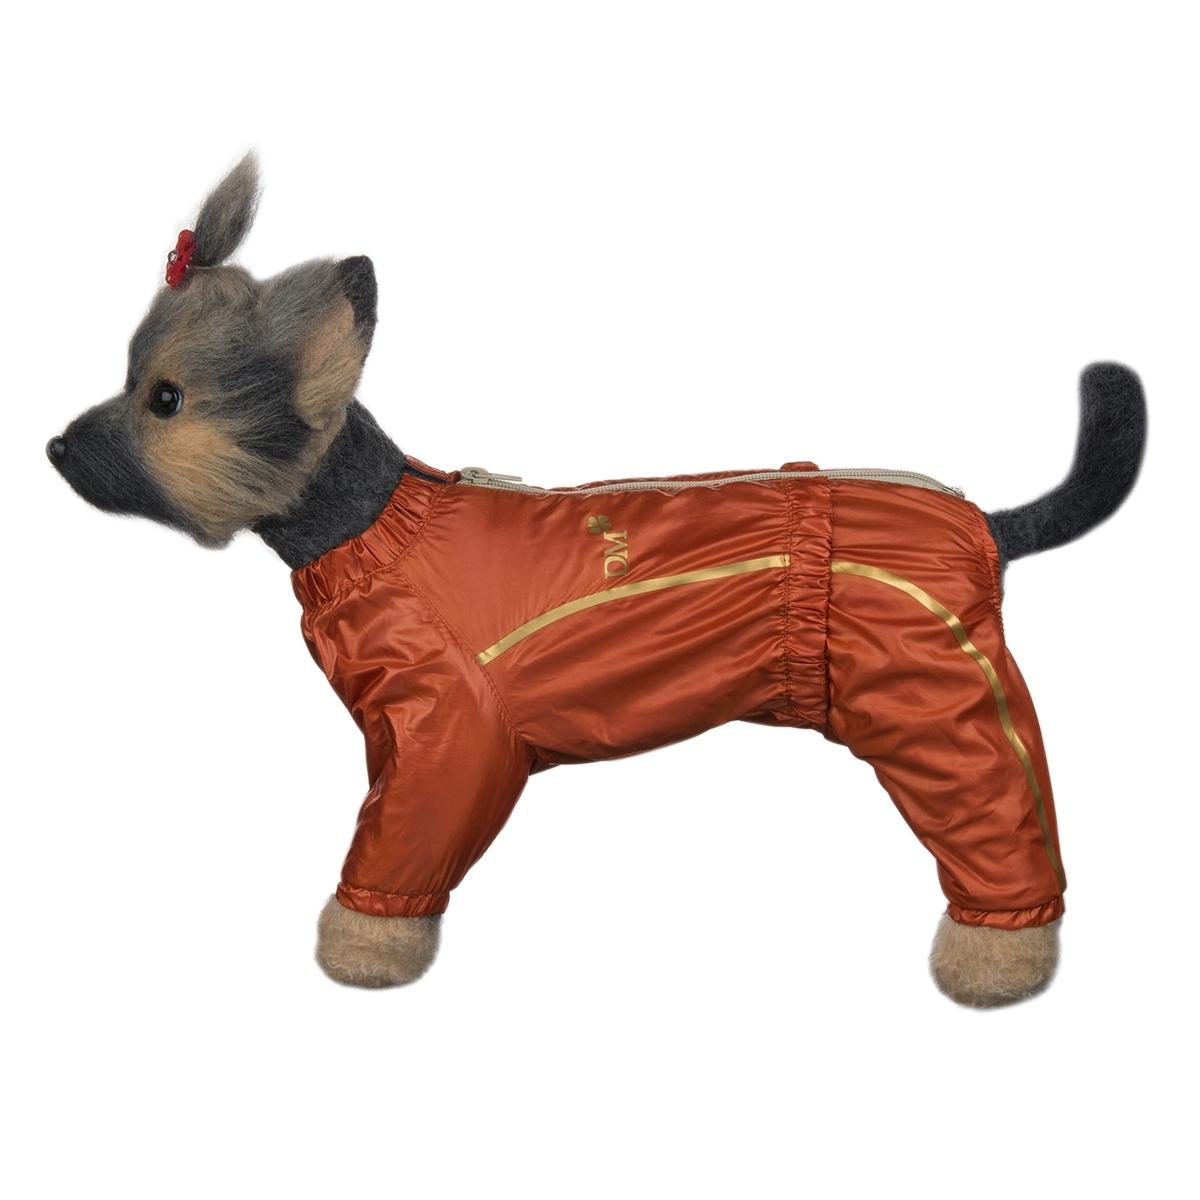 Комбинезон для собак Dogmoda Альпы, для девочки, цвет: оранжевый. Размер 3 (L). DM-1601020120710Комбинезон для собак Dogmoda Альпы отлично подойдет для прогулок поздней осенью или ранней весной.Комбинезон изготовлен из полиэстера, защищающего от ветра и осадков, с подкладкой из вискозы и полиэстера, которая сохранит тепло и обеспечит отличный воздухообмен.Комбинезон застегивается на молнию и липучку, благодаря чему его легко надевать и снимать. Ворот, низ рукавов и брючин оснащены внутренними резинками, которые мягко обхватывают шею и лапки, не позволяя просачиваться холодному воздуху. На пояснице имеется внутренняя резинка. Изделие декорировано золотистыми полосками и надписью DM.Благодаря такому комбинезону простуда не грозит вашему питомцу и он не даст любимцу продрогнуть на прогулке.Длина по спинке: 28 см.Объем груди: 45 см.Обхват шеи: 29 см.